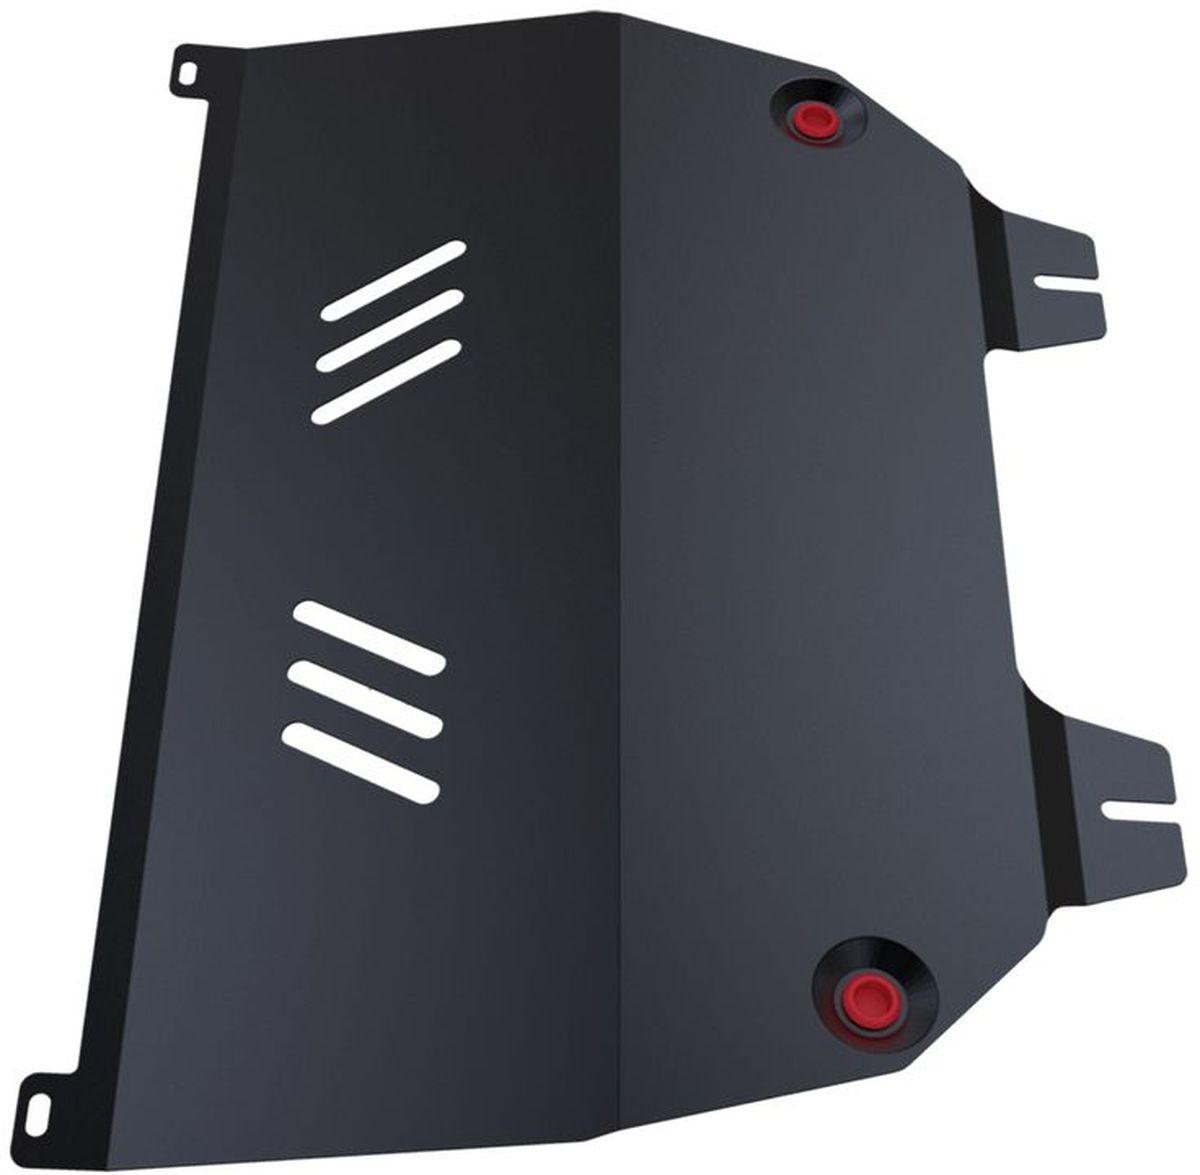 Защита картера и КПП Автоброня, для Peugeot 307. 111.04304.15104Технологически совершенный продукт за невысокую стоимость.Защита разработана с учетом особенностей днища автомобиля, что позволяет сохранить дорожный просвет с минимальным изменением.Защита устанавливается в штатные места кузова автомобиля. Глубокий штамп обеспечивает до двух раз больше жесткости в сравнении с обычной защитой той же толщины. Проштампованные ребра жесткости препятствуют деформации защиты при ударах.Тепловой зазор и вентиляционные отверстия обеспечивают сохранение температурного режима двигателя в норме. Скрытый крепеж предотвращает срыв крепежных элементов при наезде на препятствие.Шумопоглощающие резиновые элементы обеспечивают комфортную езду без вибраций и скрежета металла, а съемные лючки для слива масла и замены фильтра - экономию средств и время.Конструкция изделия не влияет на пассивную безопасность автомобиля (при ударе защита не воздействует на деформационные зоны кузова). Со штатным крепежом. В комплекте инструкция по установке.Толщина стали: 2 мм.